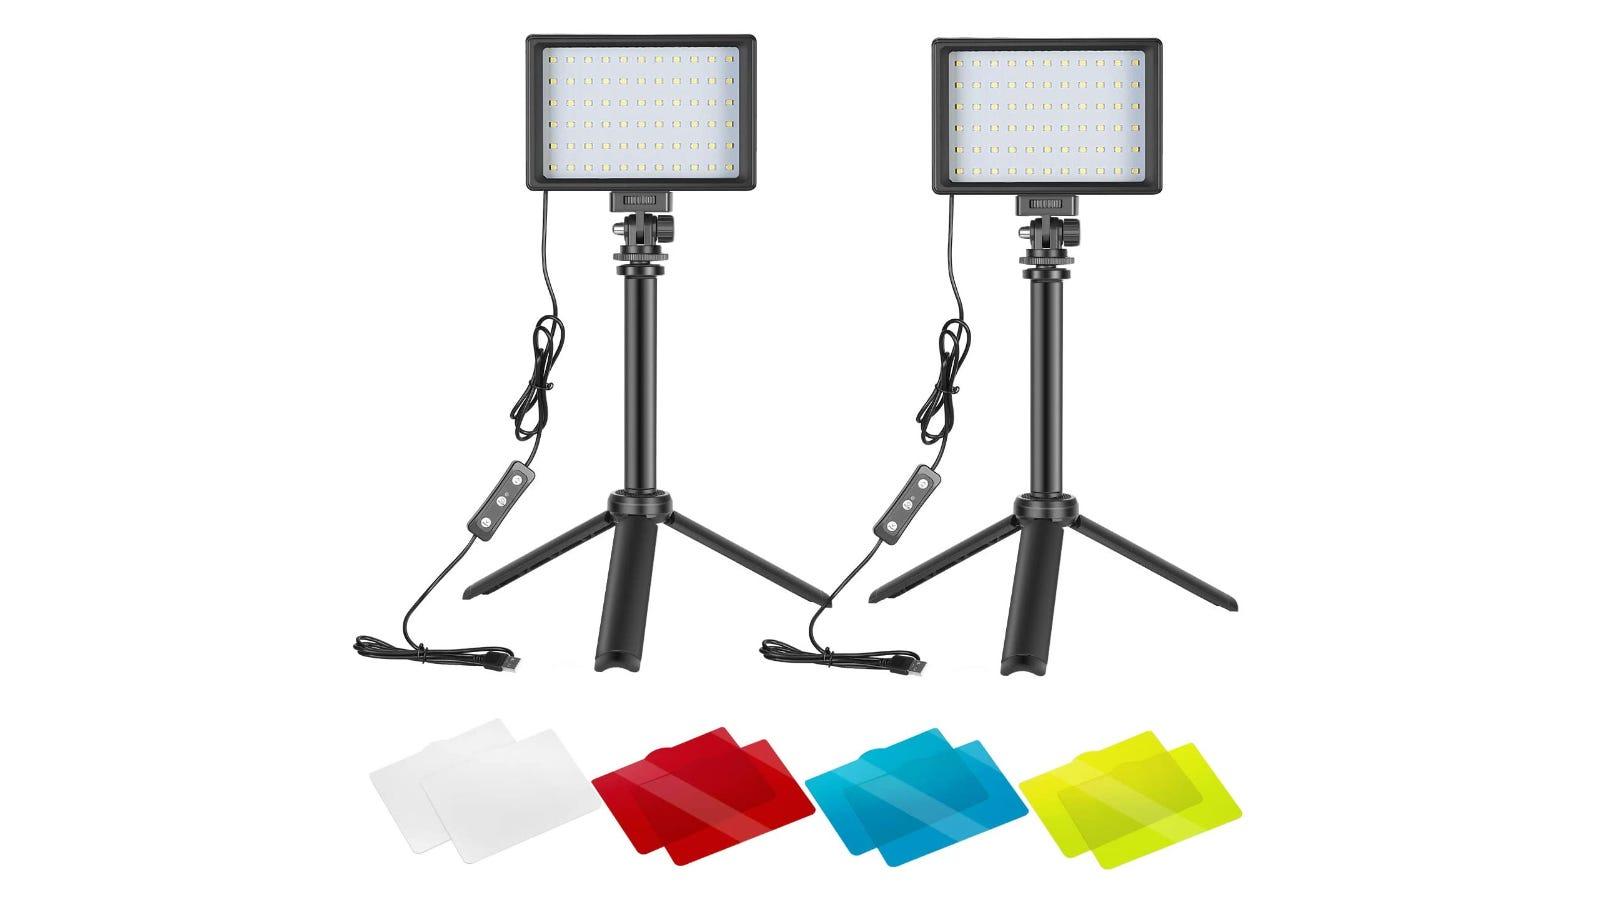 Neewer Portable Photography Lighting Kit